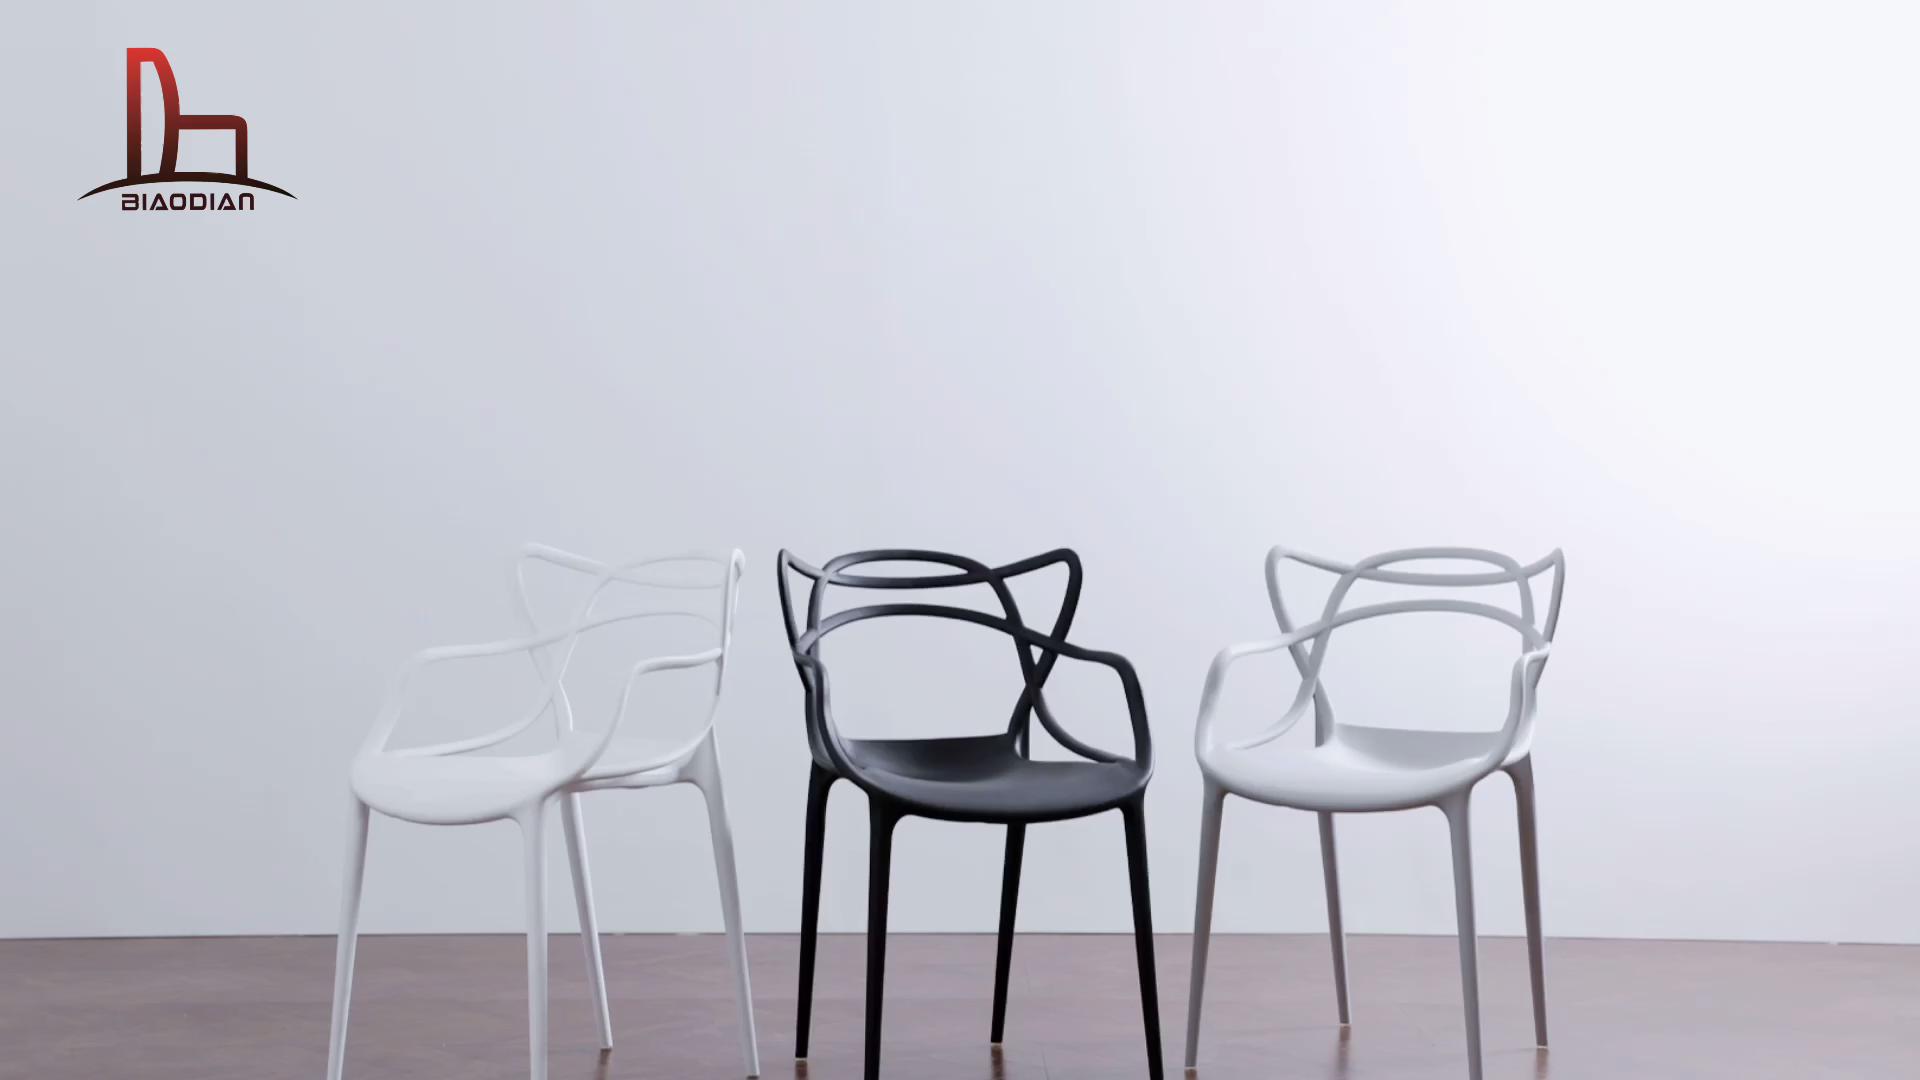 सस्ते खाने के कमरे में फर्नीचर stackable प्लास्टिक आधुनिक कुर्सी भोजन